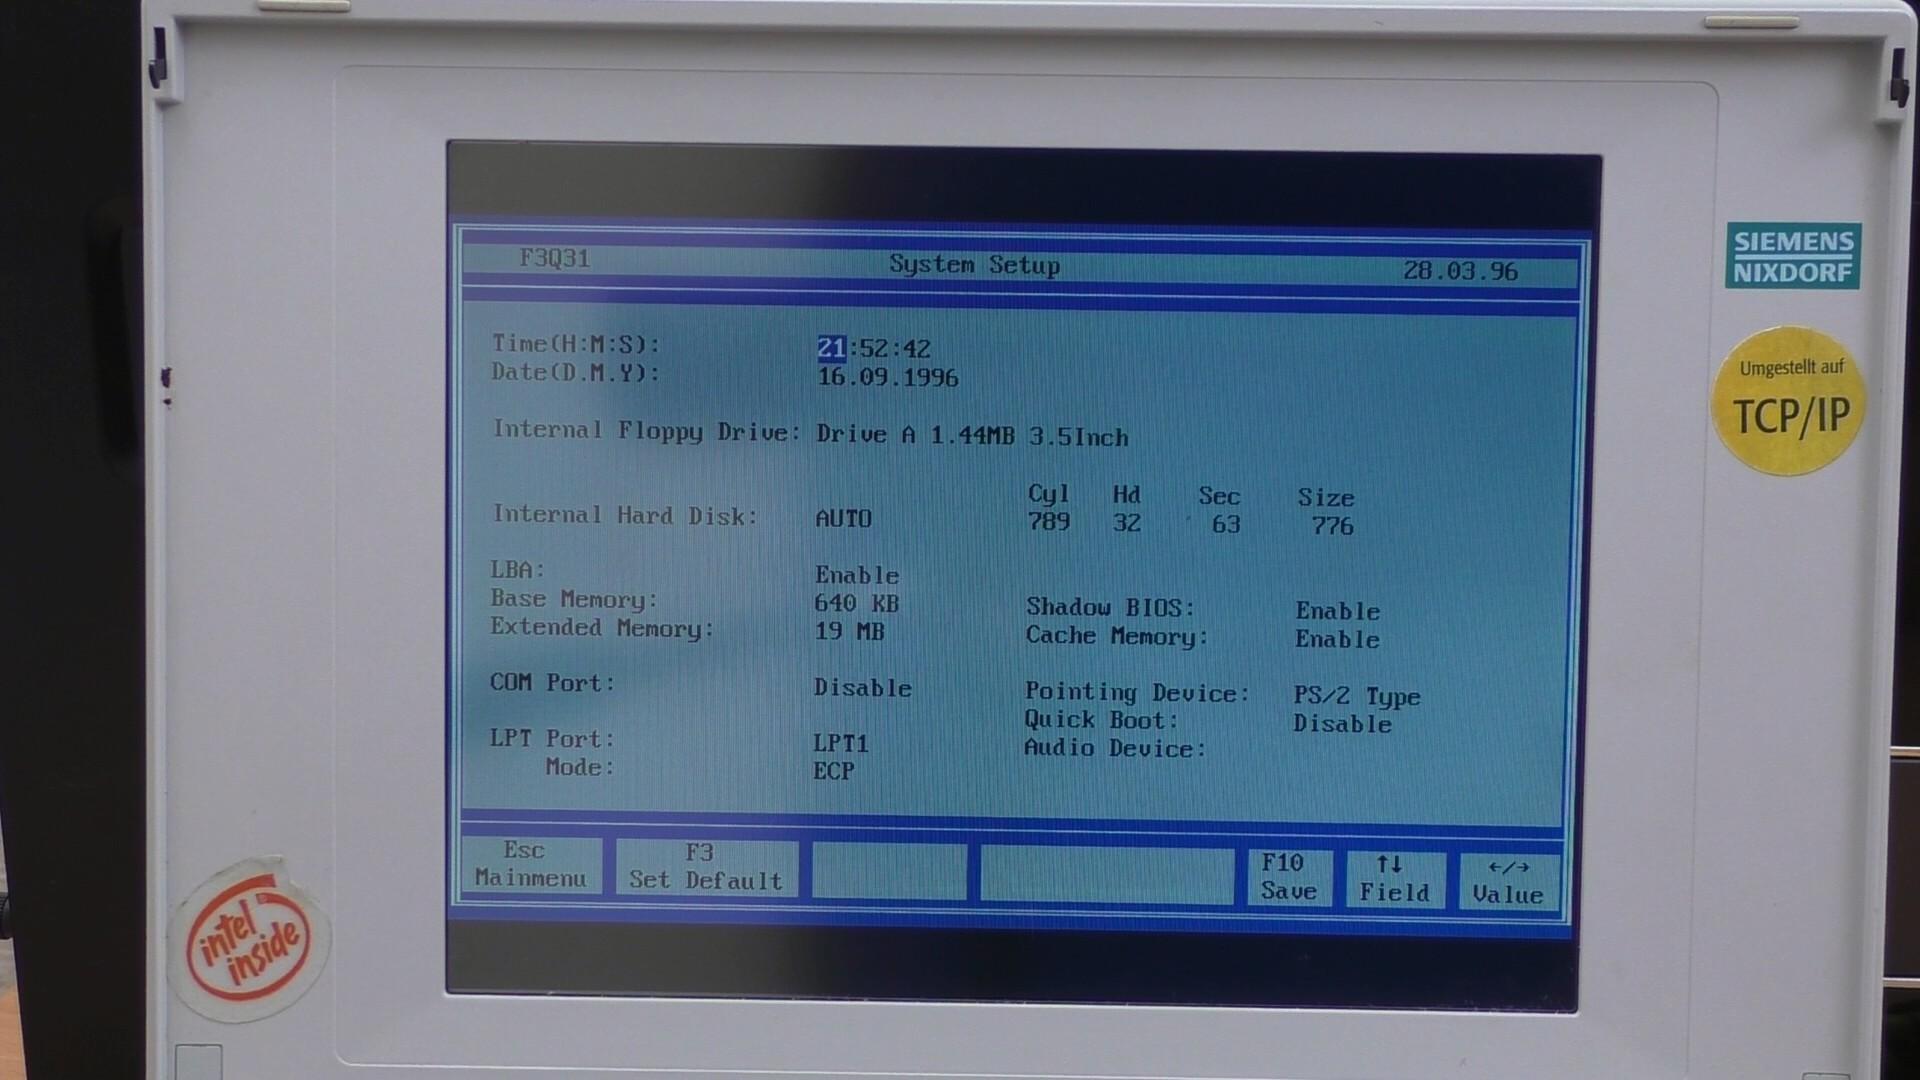 Мощь 80486 на Siemens Nixdorf PCD-4ND (текст и видео — на выбор) - 24